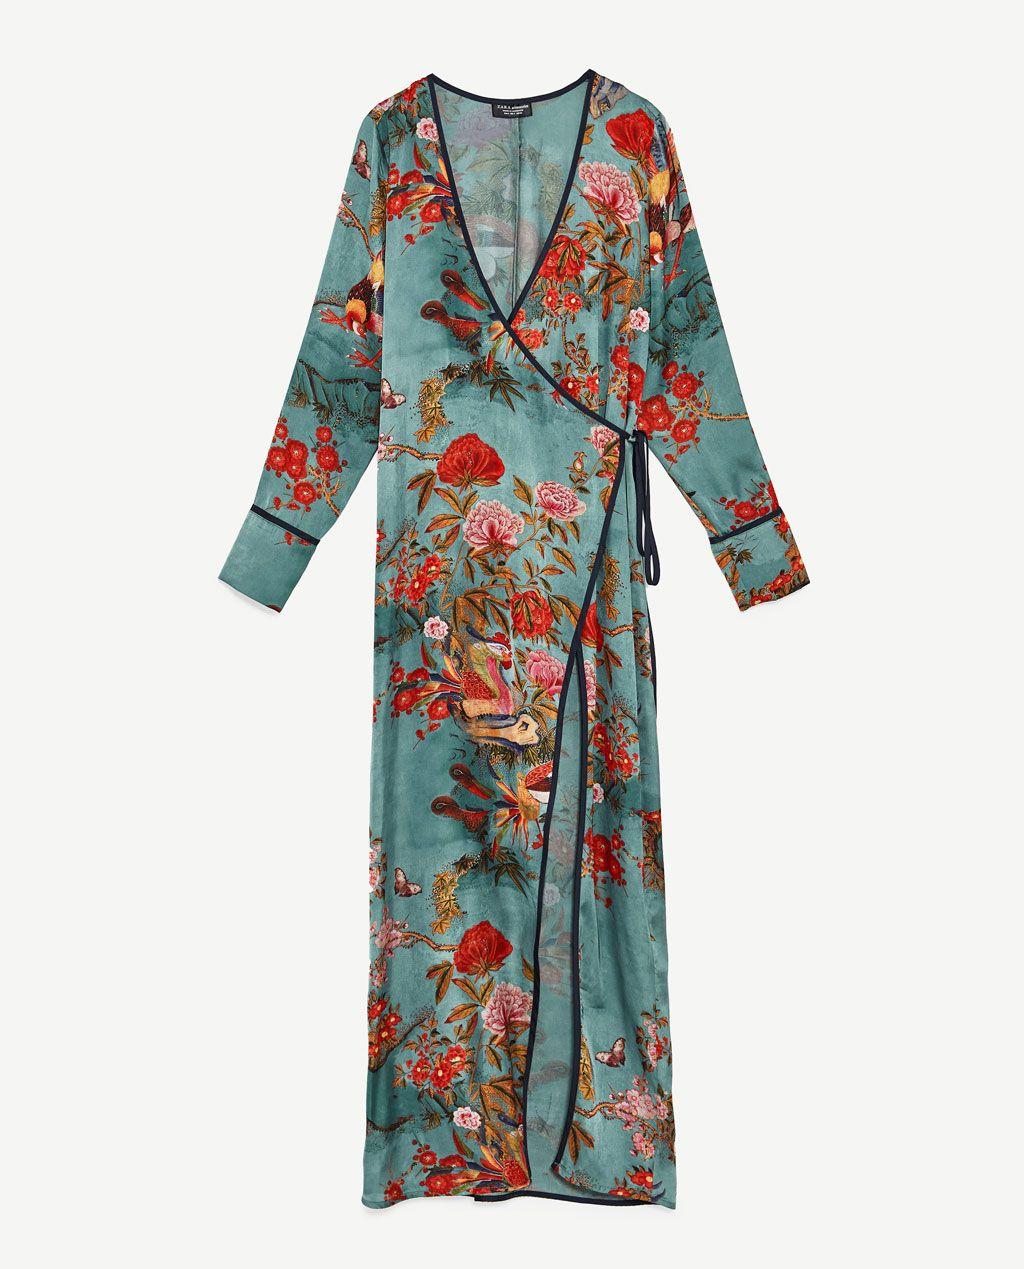 Billede Mønstret 8 Zara Kimonokjole Af For Hunting Perfection Fra wqFwgr